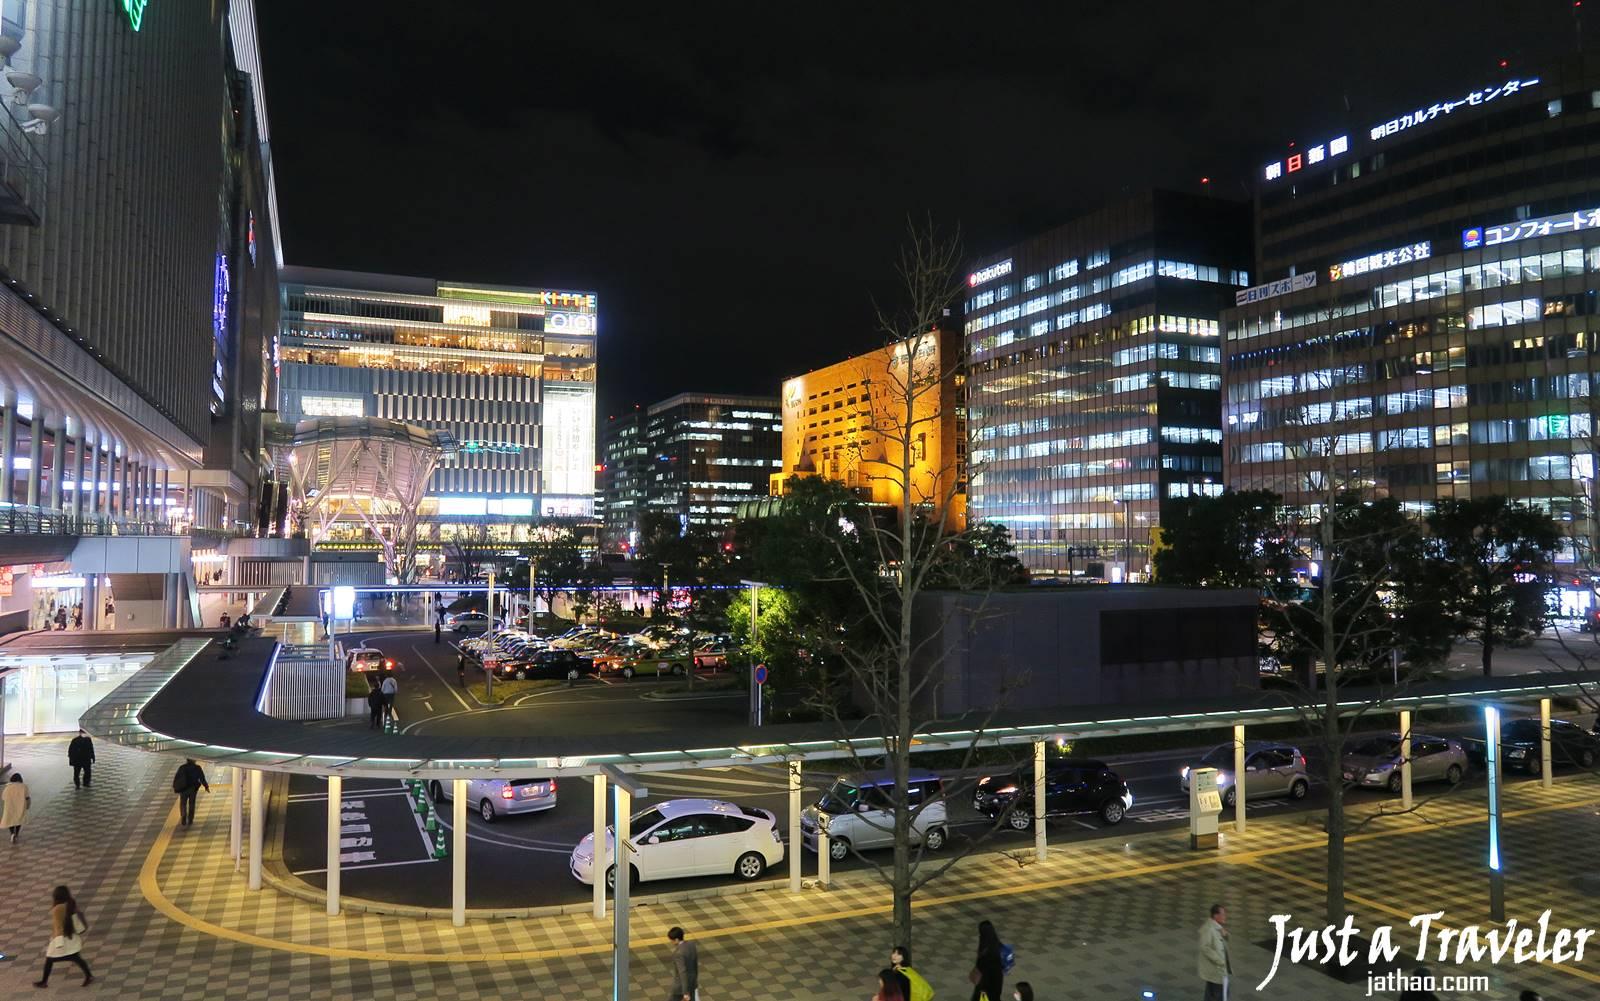 福岡-景點-推薦-福岡好玩景點-博多-福岡必玩景點-福岡必去景點-福岡自由行景點-攻略-市區-郊區-旅遊-行程-Fukuoka-Tourist-Attraction